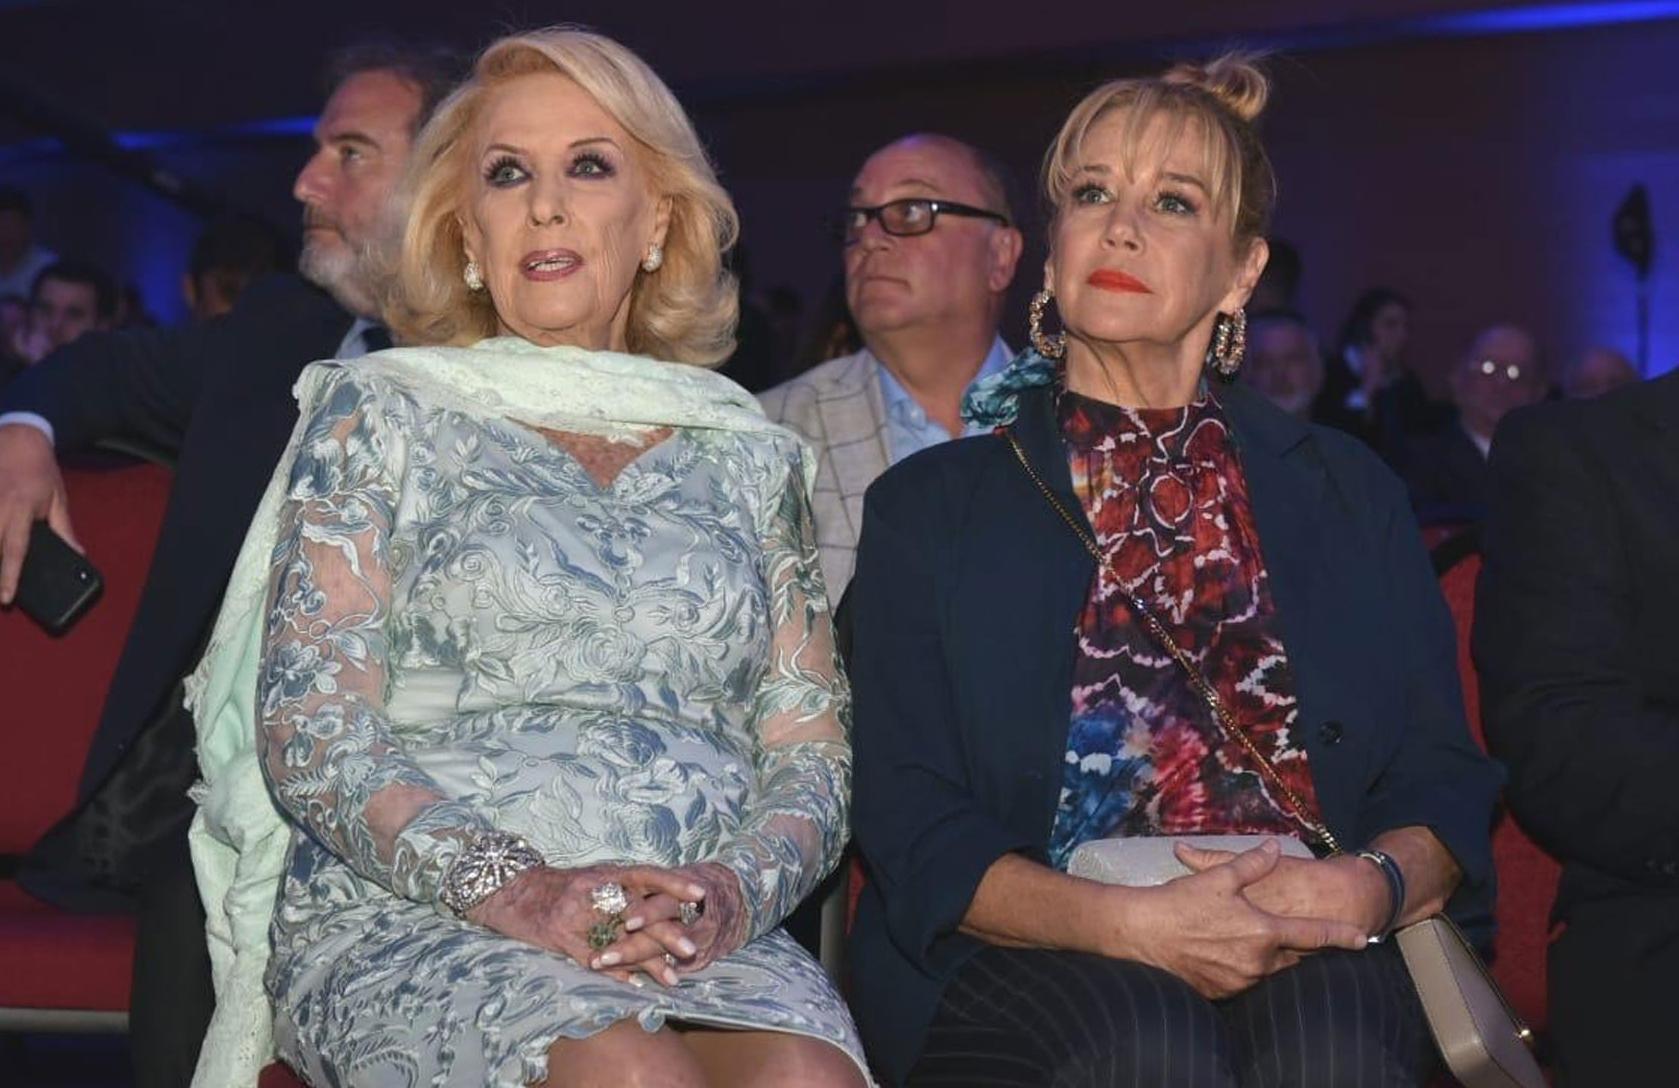 Mirtha Legrand y Marcela Tinayre en primera fila. Detrás, Tato Lanusse y Martín Cabrales